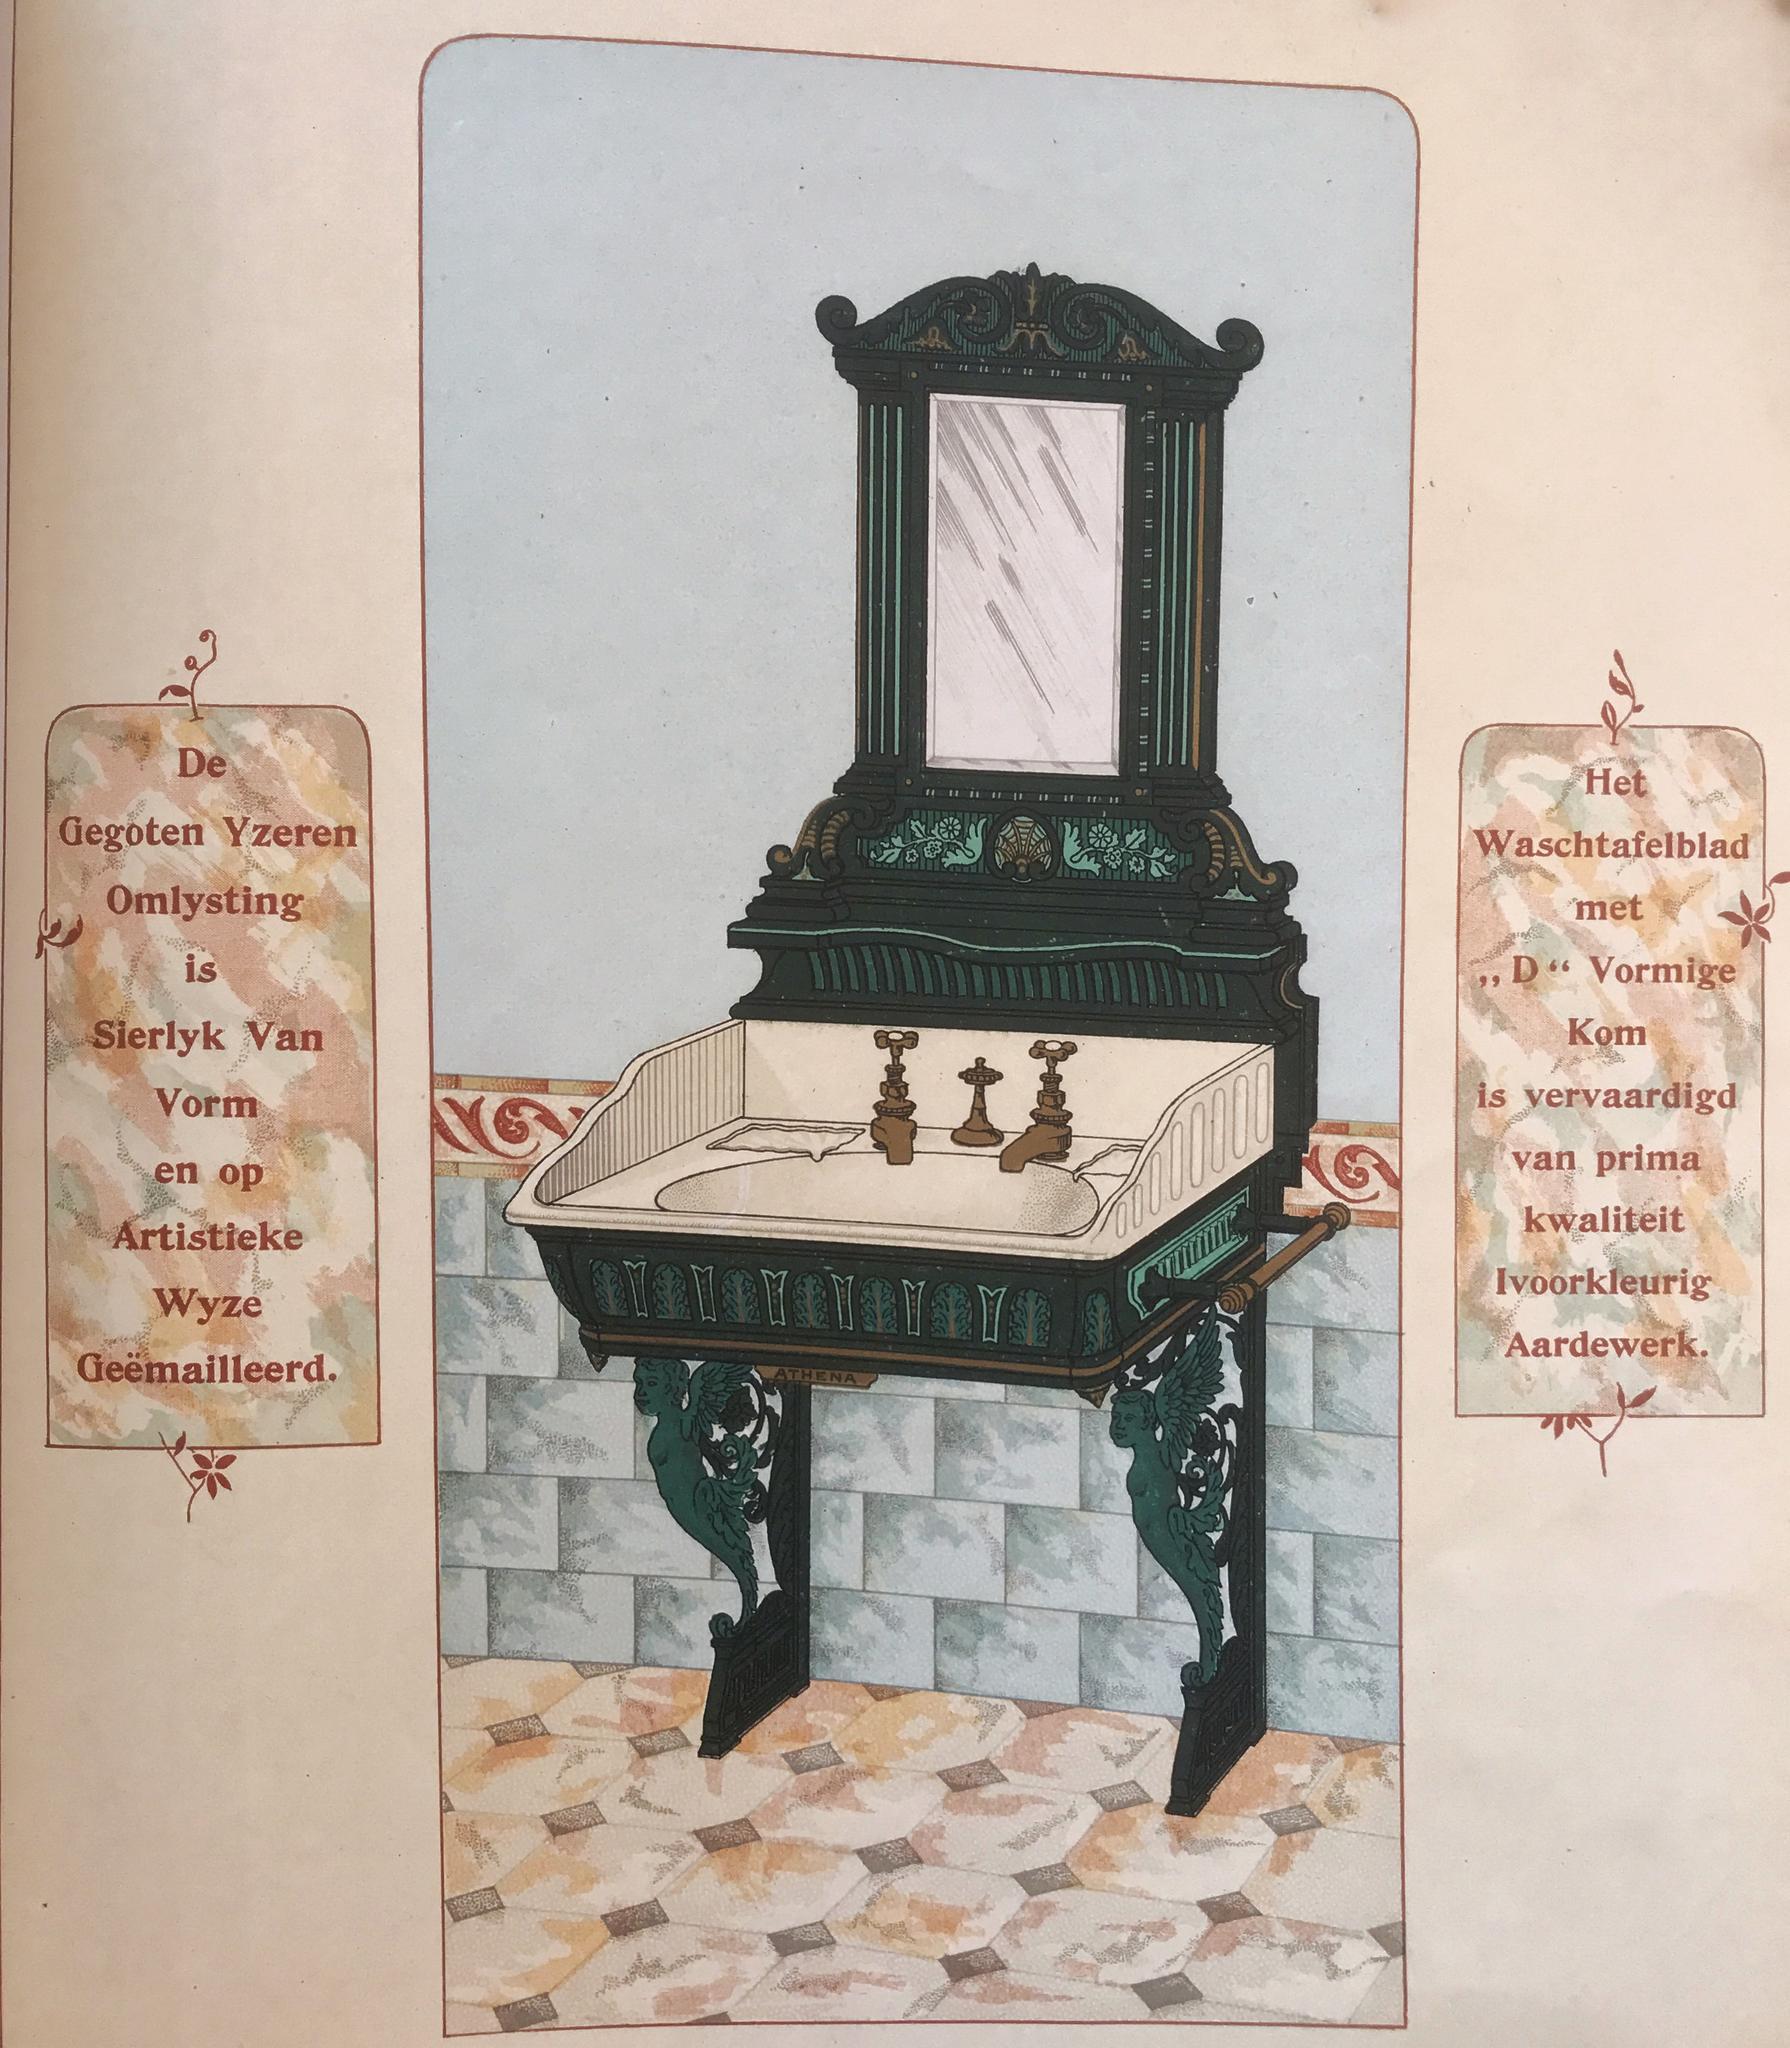 Wastafelmeubel van gietijzer uit de catalogus van de firma Twyford's 1894